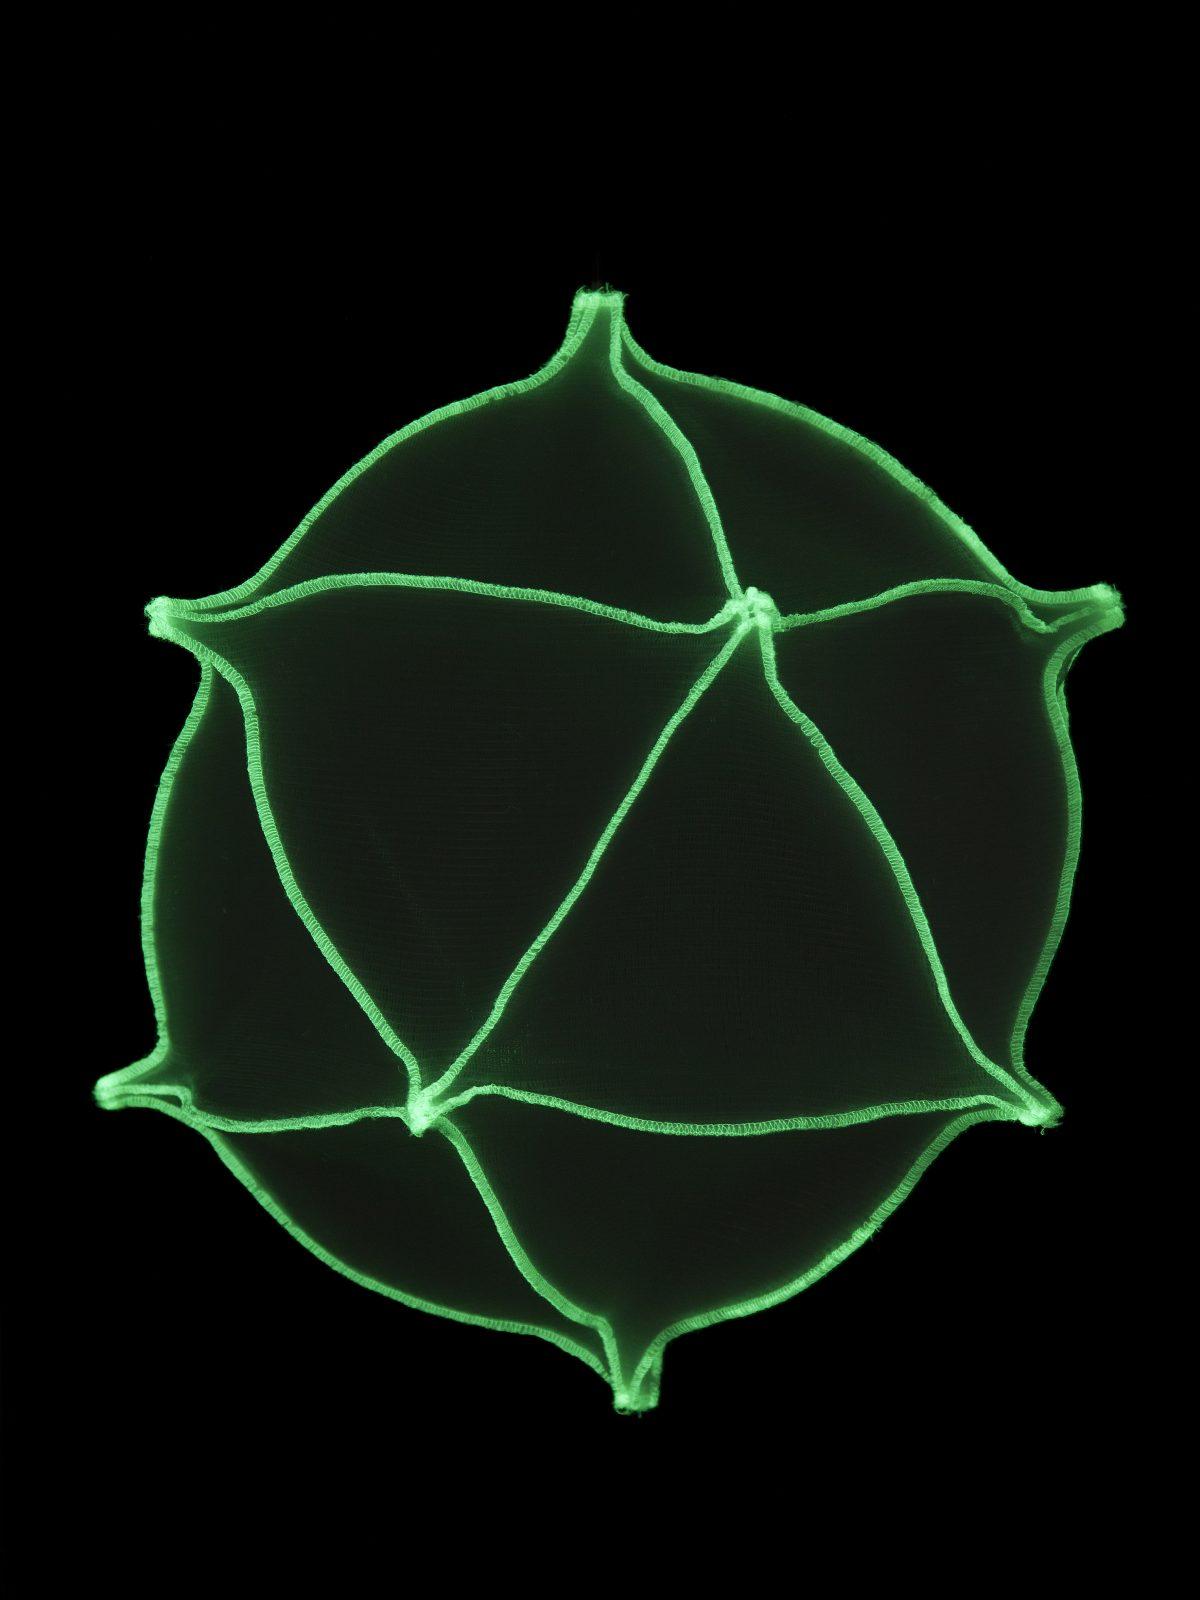 Radiolaria Metamorphosus lucidus reversus glow-in-the-dark hanglamp van Bernotat